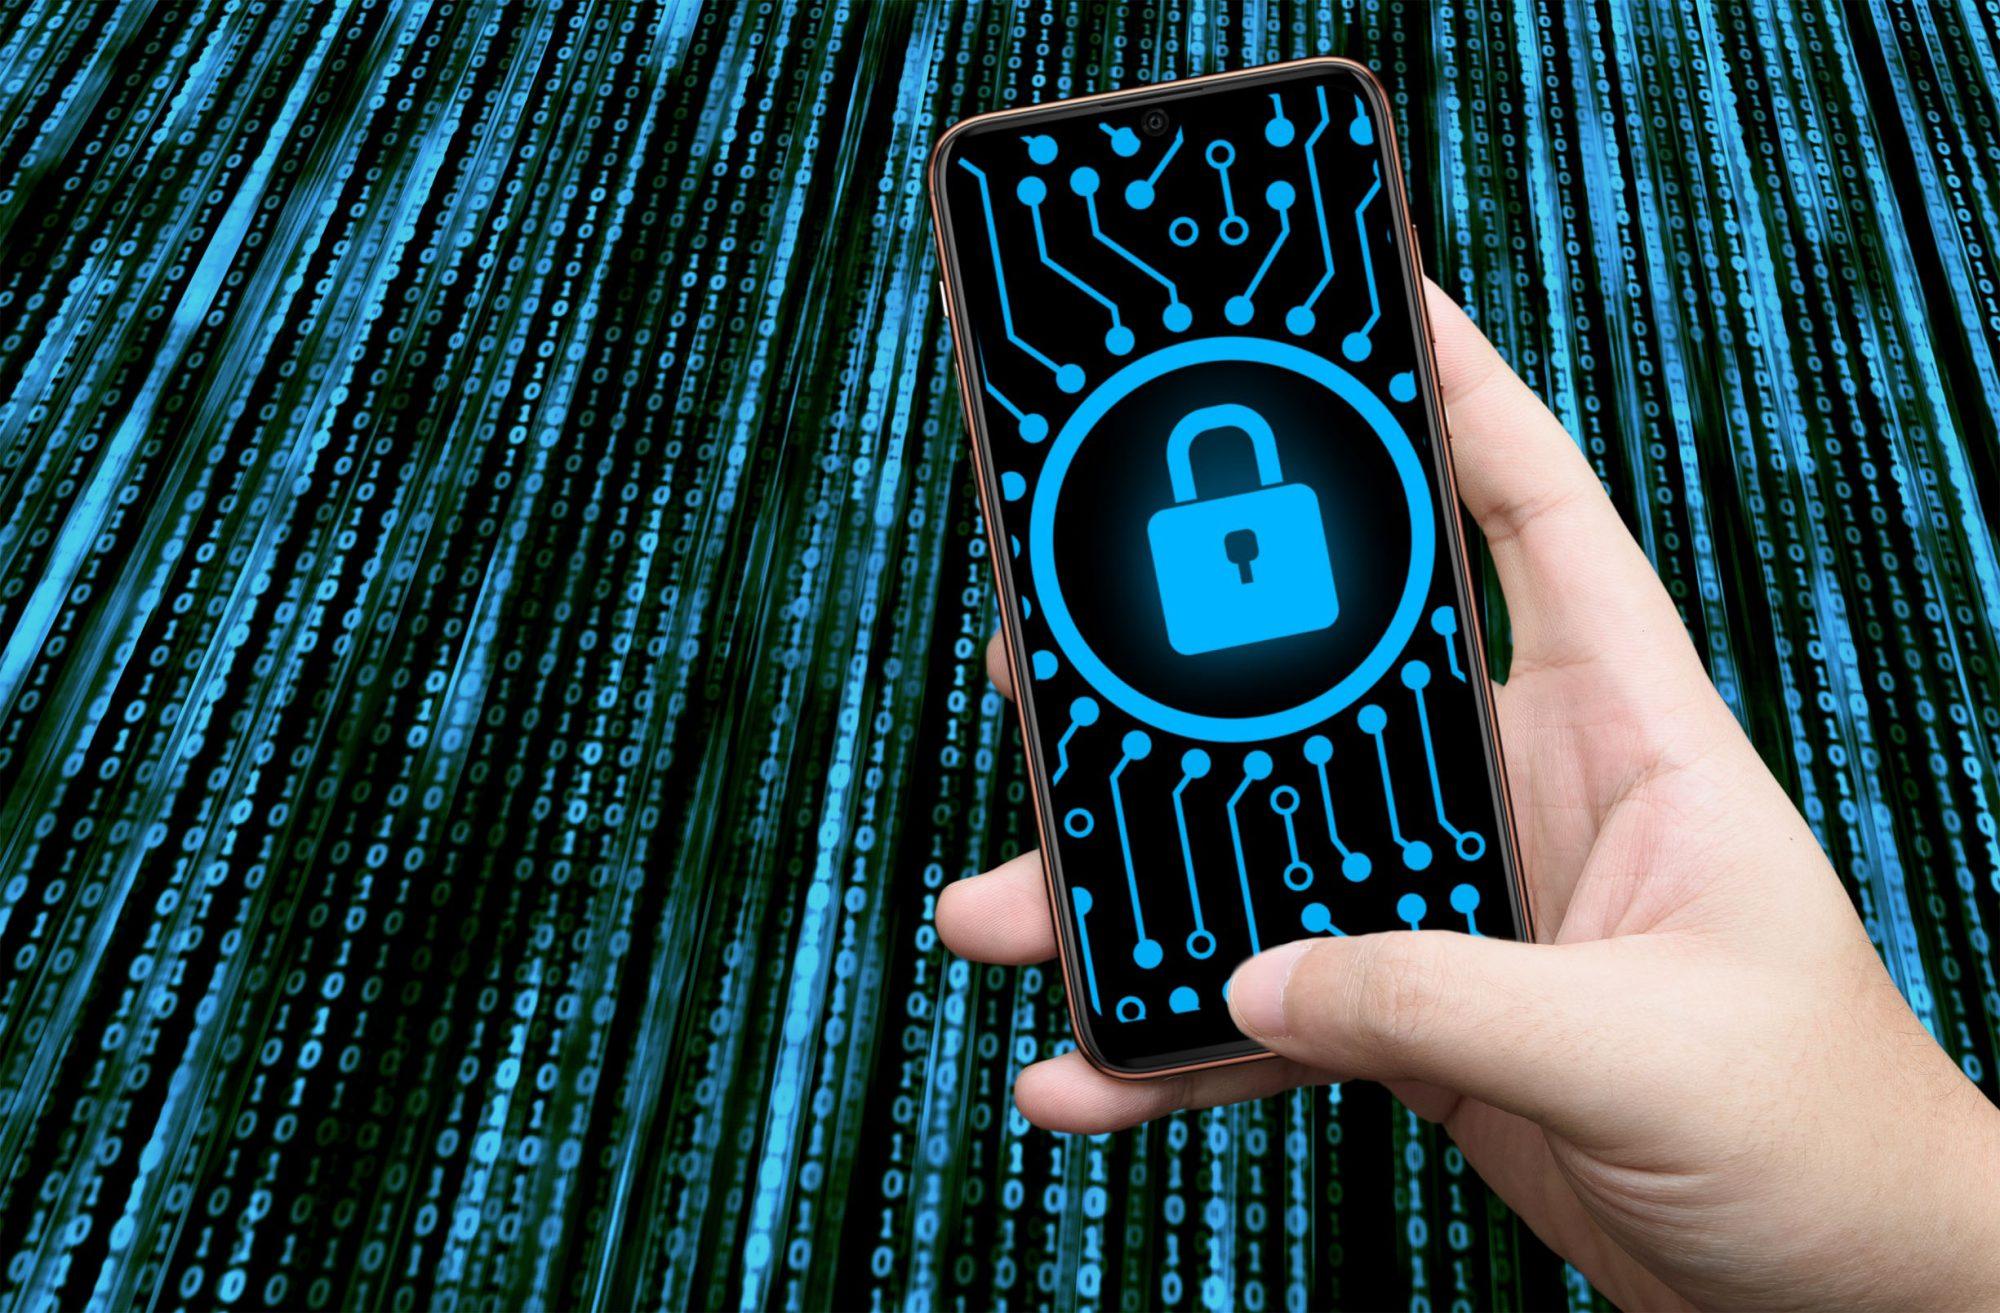 Mese della sicurezza informatica: ecco i tips di Wiko per proteggere lo smartphone thumbnail